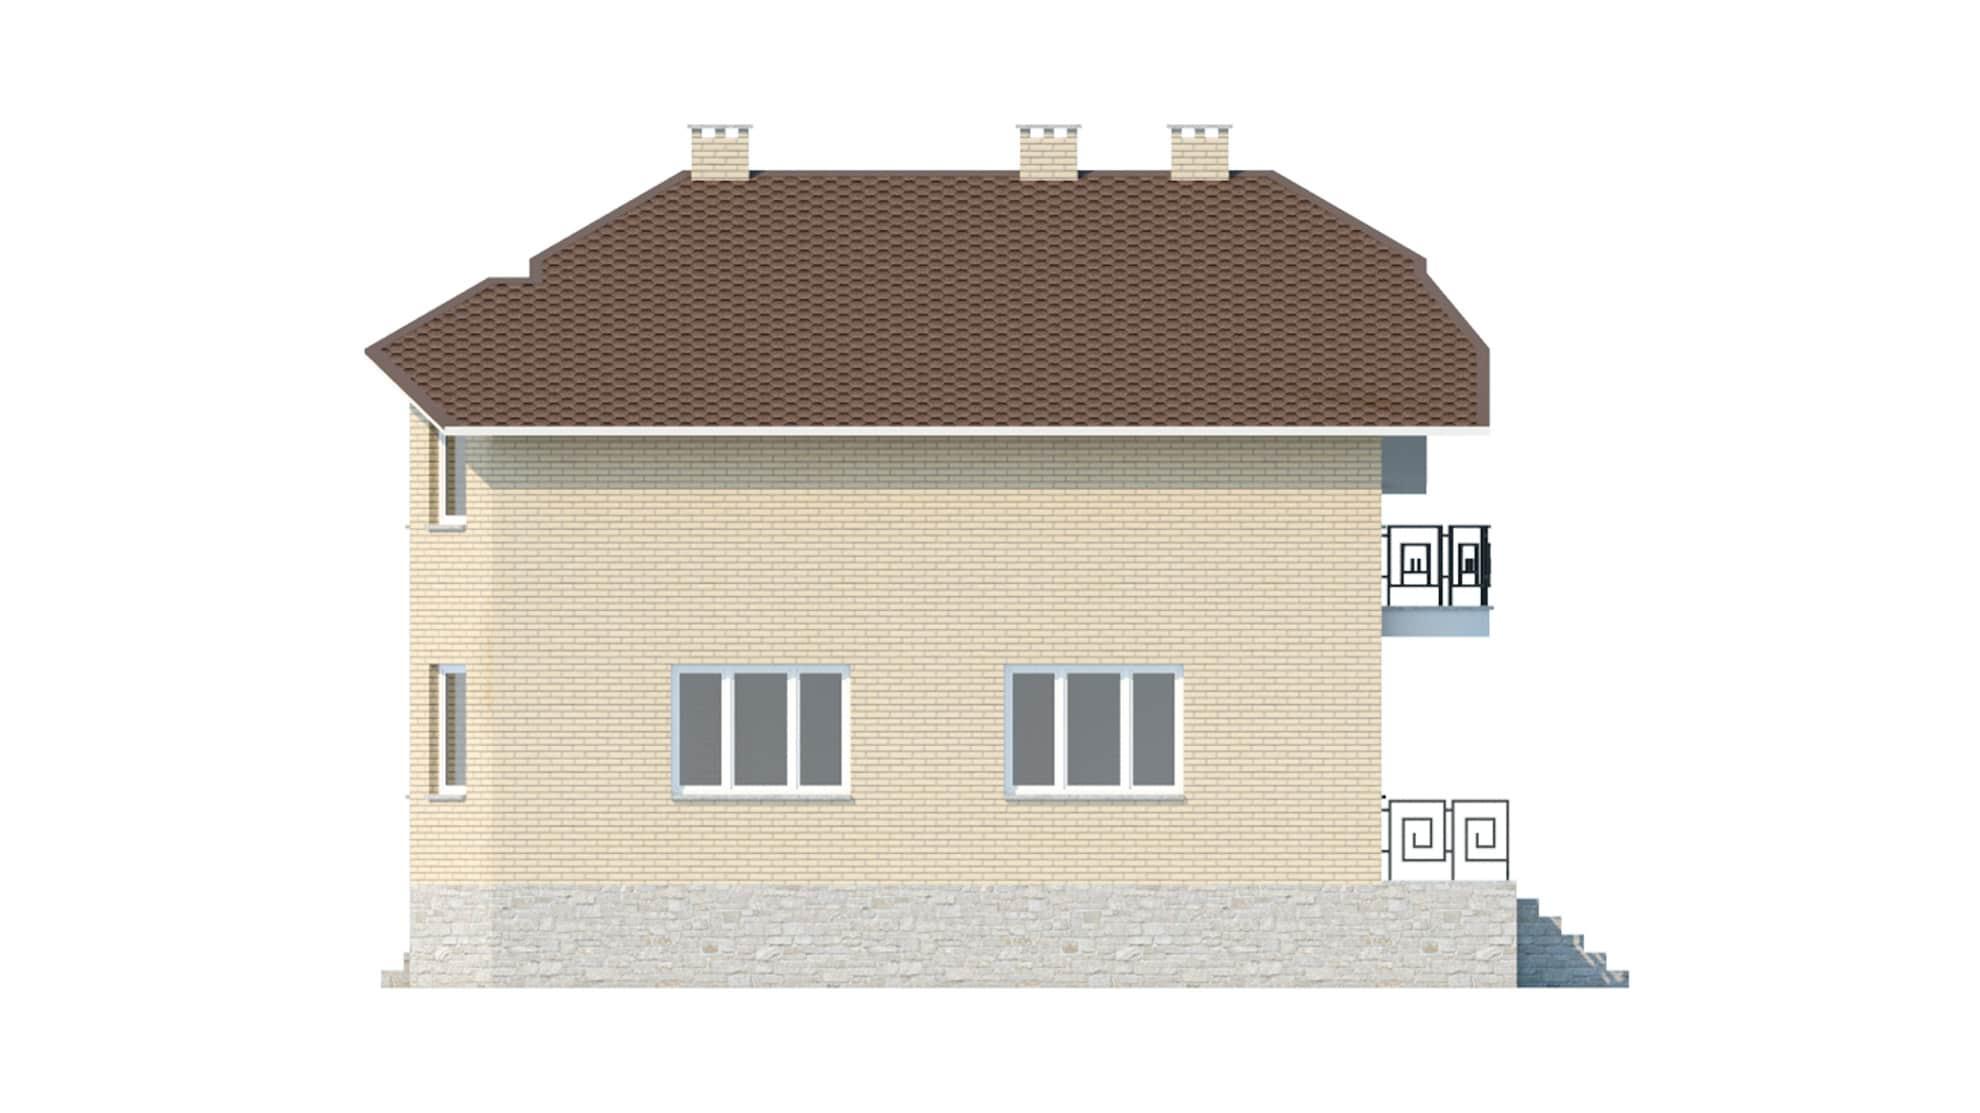 Фасад мансардного дома с гаражом и цокольным этажом «КМ-45» справа